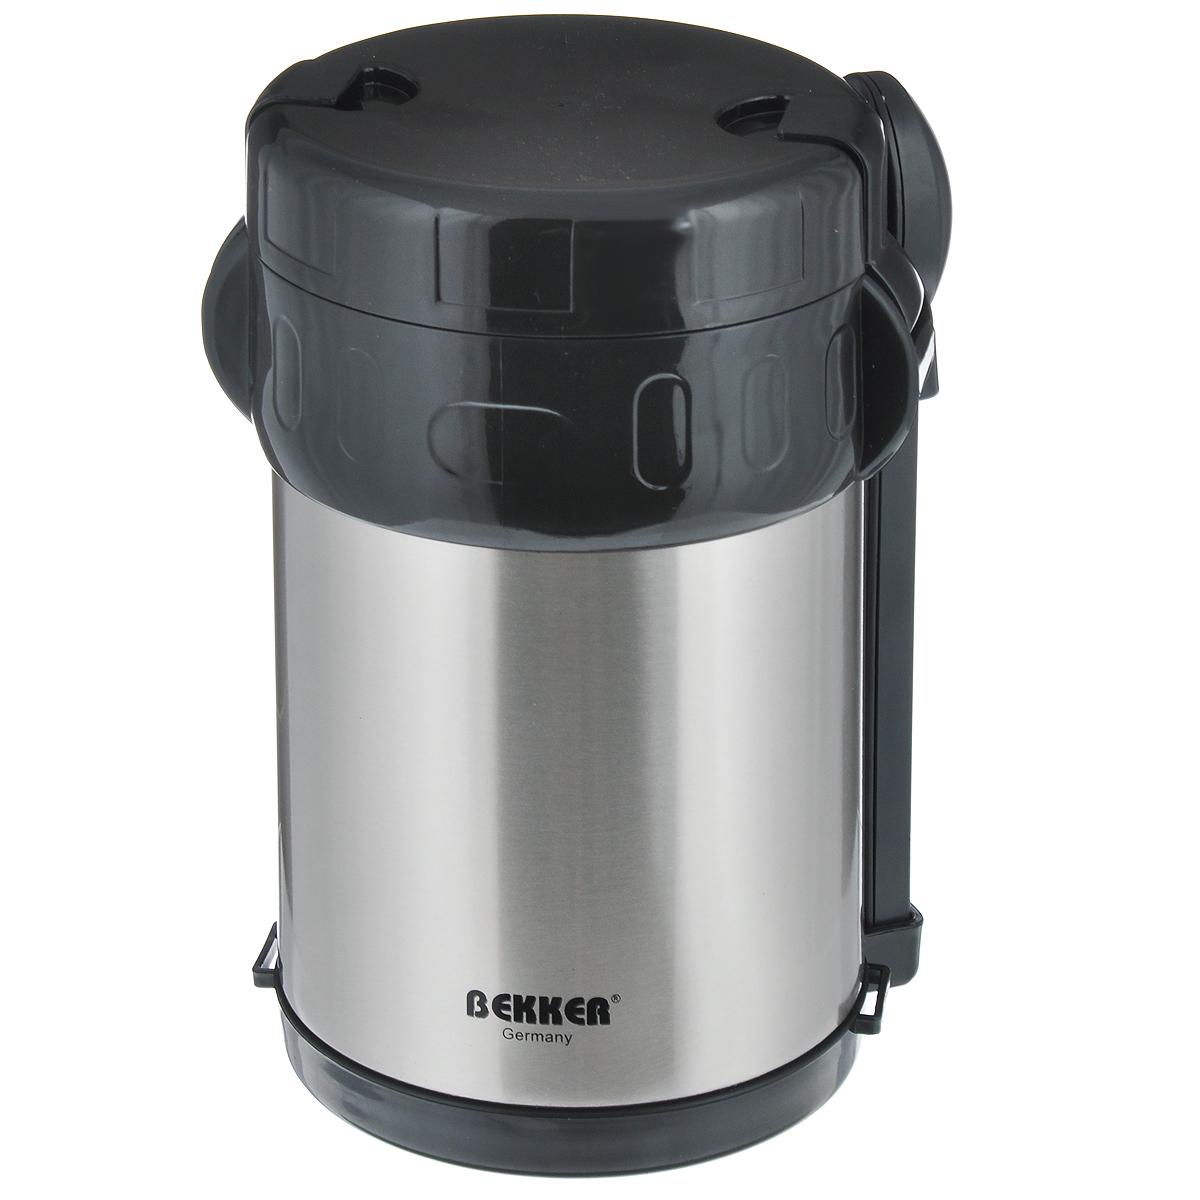 Термос пищевой Bekker, с контейнерами, цвет: черный, стальной, 2 л. BK-42115510Пищевой термос с широким горлом Bekker, изготовленный из высококачественной нержавеющей стали 18/8, прост в использовании и многофункционален. Изделие имеет двойные стенки, что позволяет пище долго оставаться горячей. Термос снабжен 3 пластиковыми контейнерами разного объема, а также металлической ложкой и вилкой в оригинальном чехле, который вставляется в специальную выемку сбоку термоса. Для удобной переноски предусмотрен специальный ремешок. Термос предназначен для хранения горячей и холодной пищи, замороженных продуктов, мороженного, фруктов и льда. Крышка плотно закрывается на две защелки. Высота (с учетом крышки): 22 см.Диаметр горлышка: 13 см.Диаметр контейнеров: 11,5 см.Высота контейнеров: 9 см; 5 см; 3,5 см. Объем контейнеров: 700 мл; 400 мл; 250 мл.Длина вилки/ложки: 15 см.